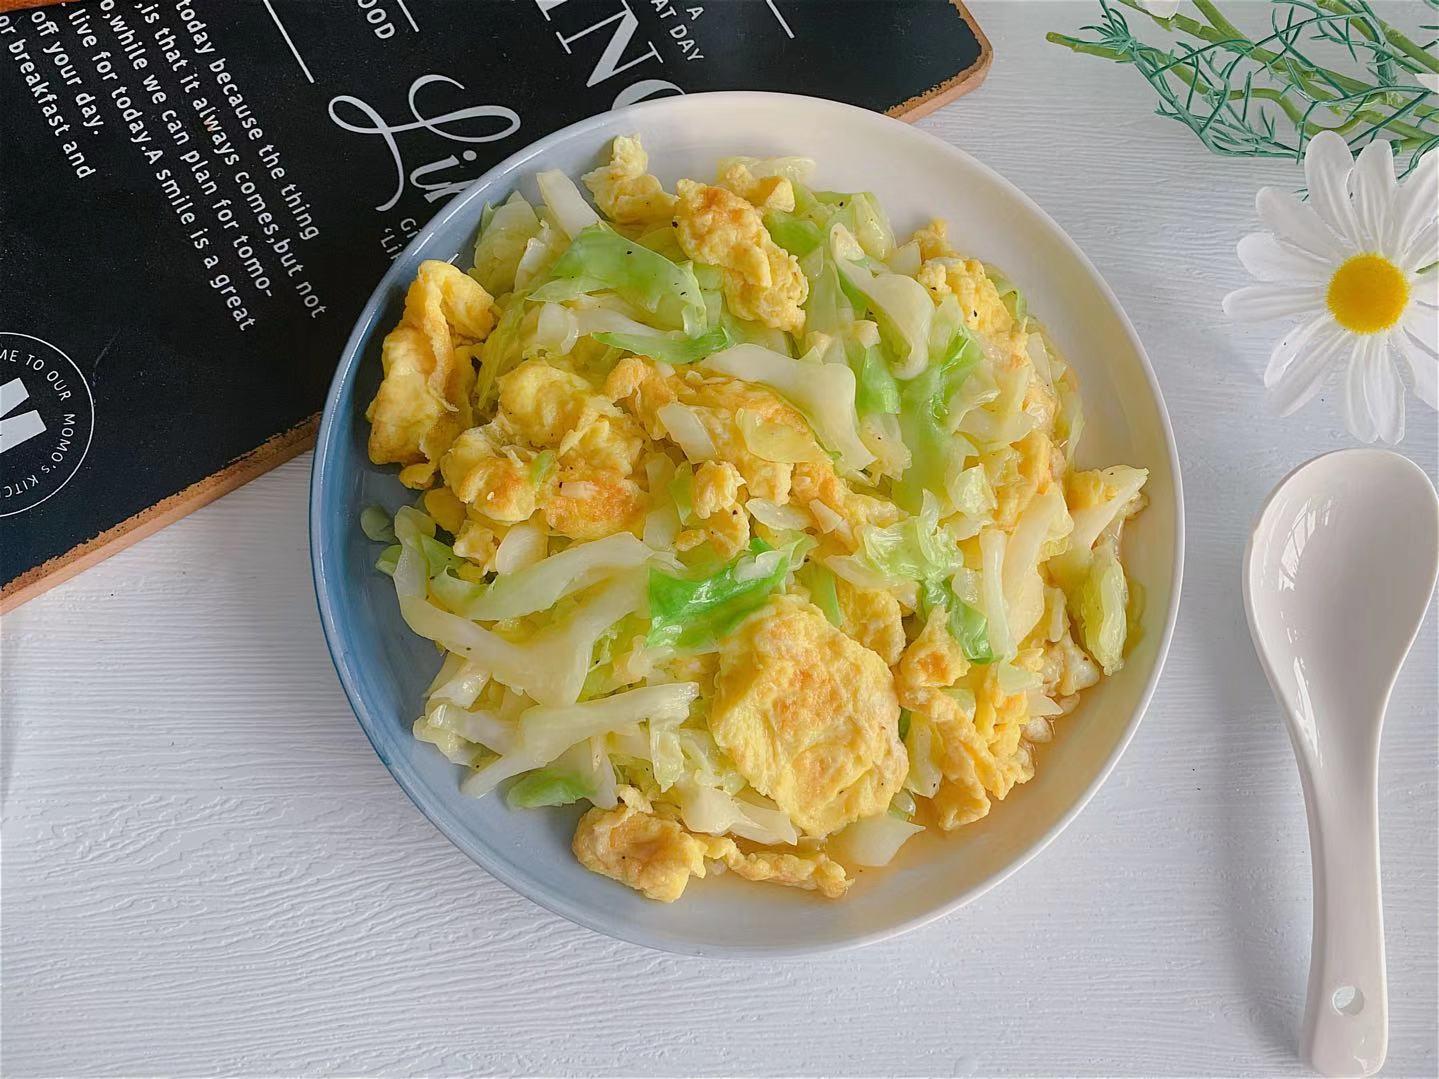 這蔬菜2塊錢1斤,用來炒雞蛋,清新鮮甜又營養,大人小孩都愛吃